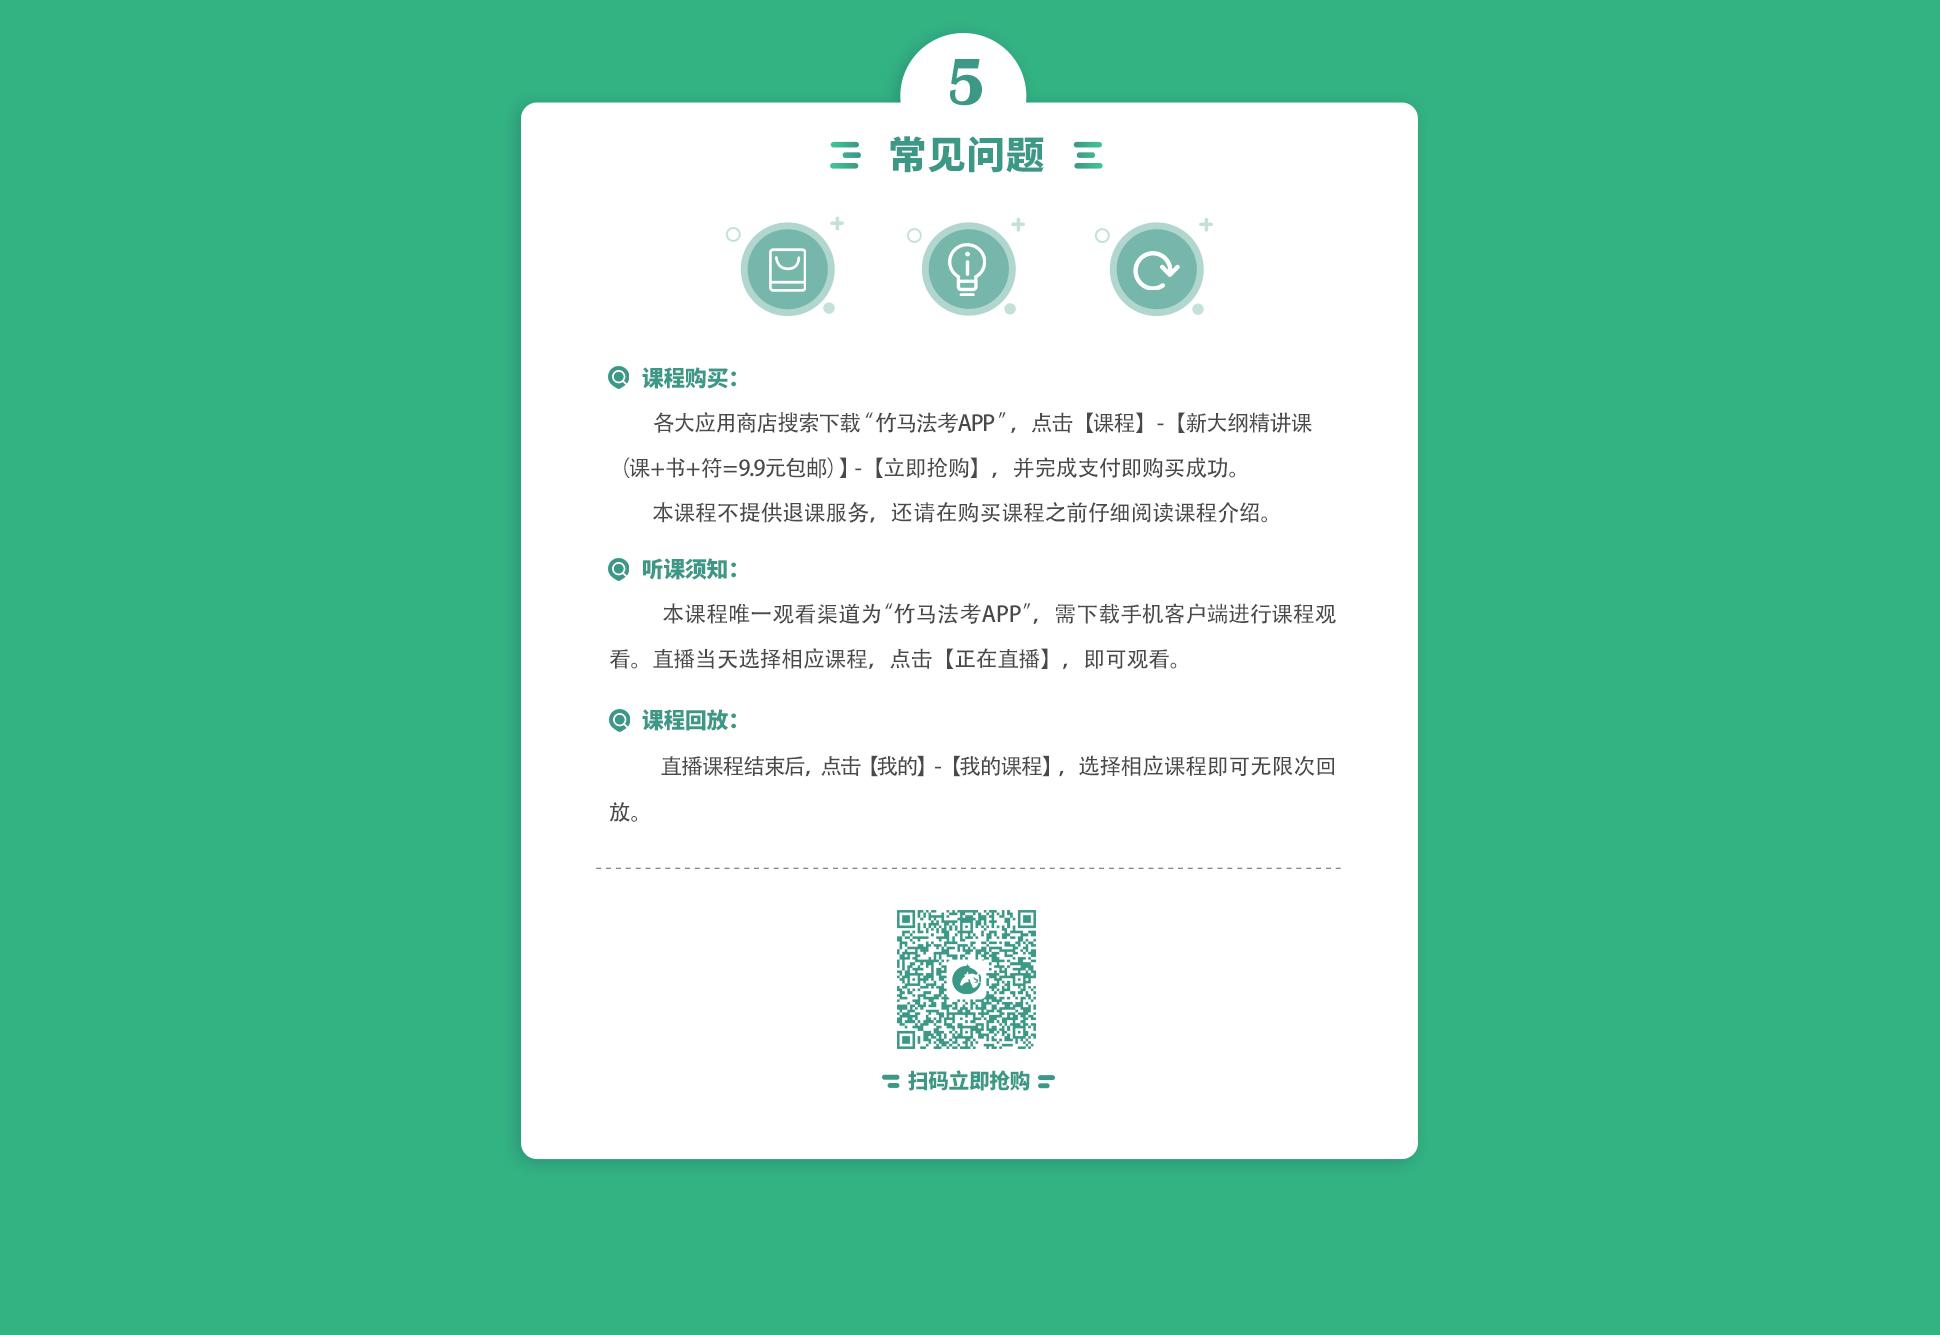 PC专题:9-9大纲精讲课-1940x_05.png